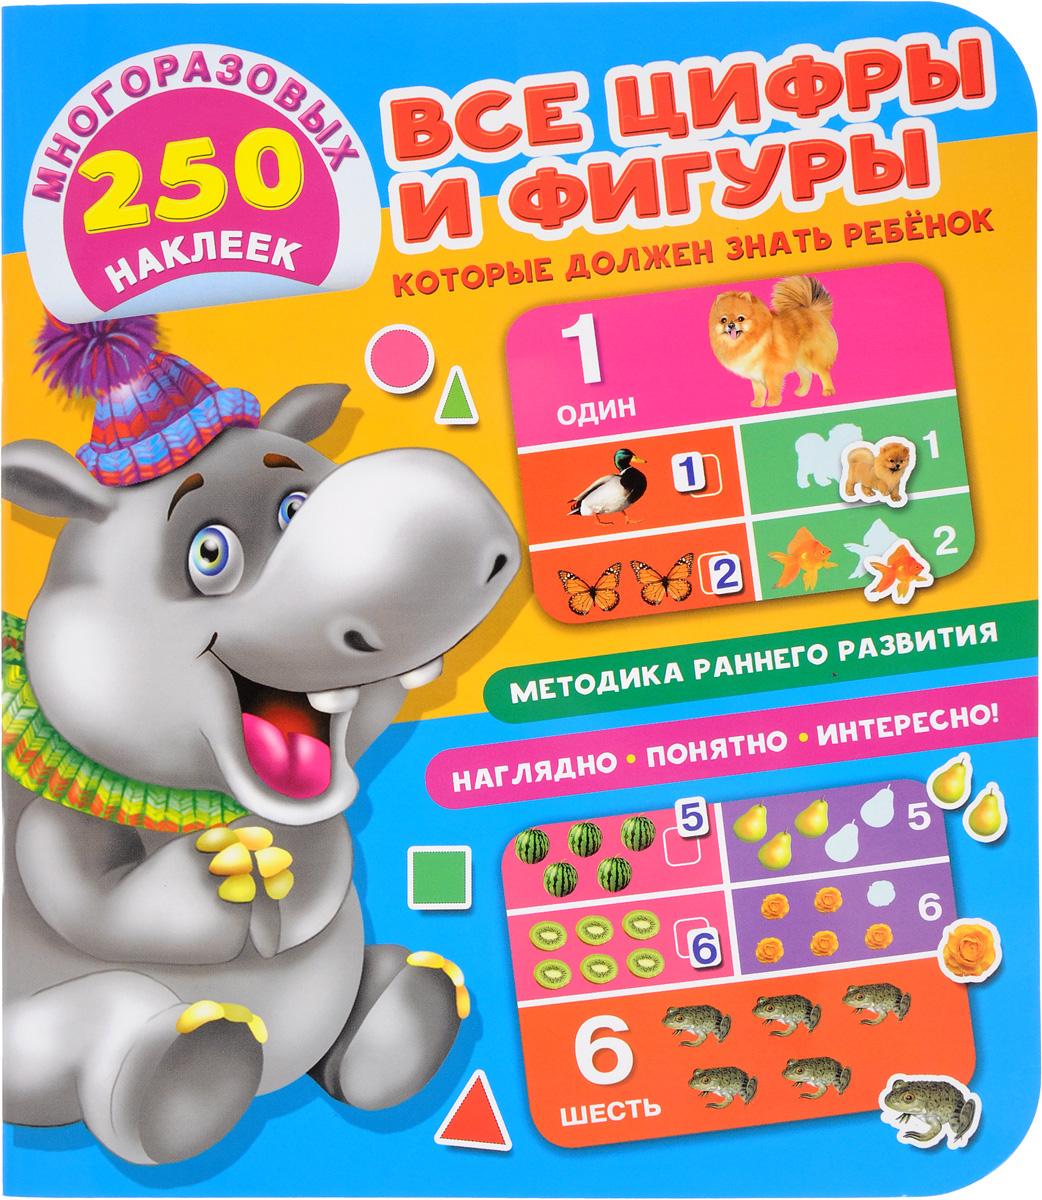 9785171015312 - Валентина Дмитриева: Все цифры и фигуры, которые должен знать ребенок - Книга